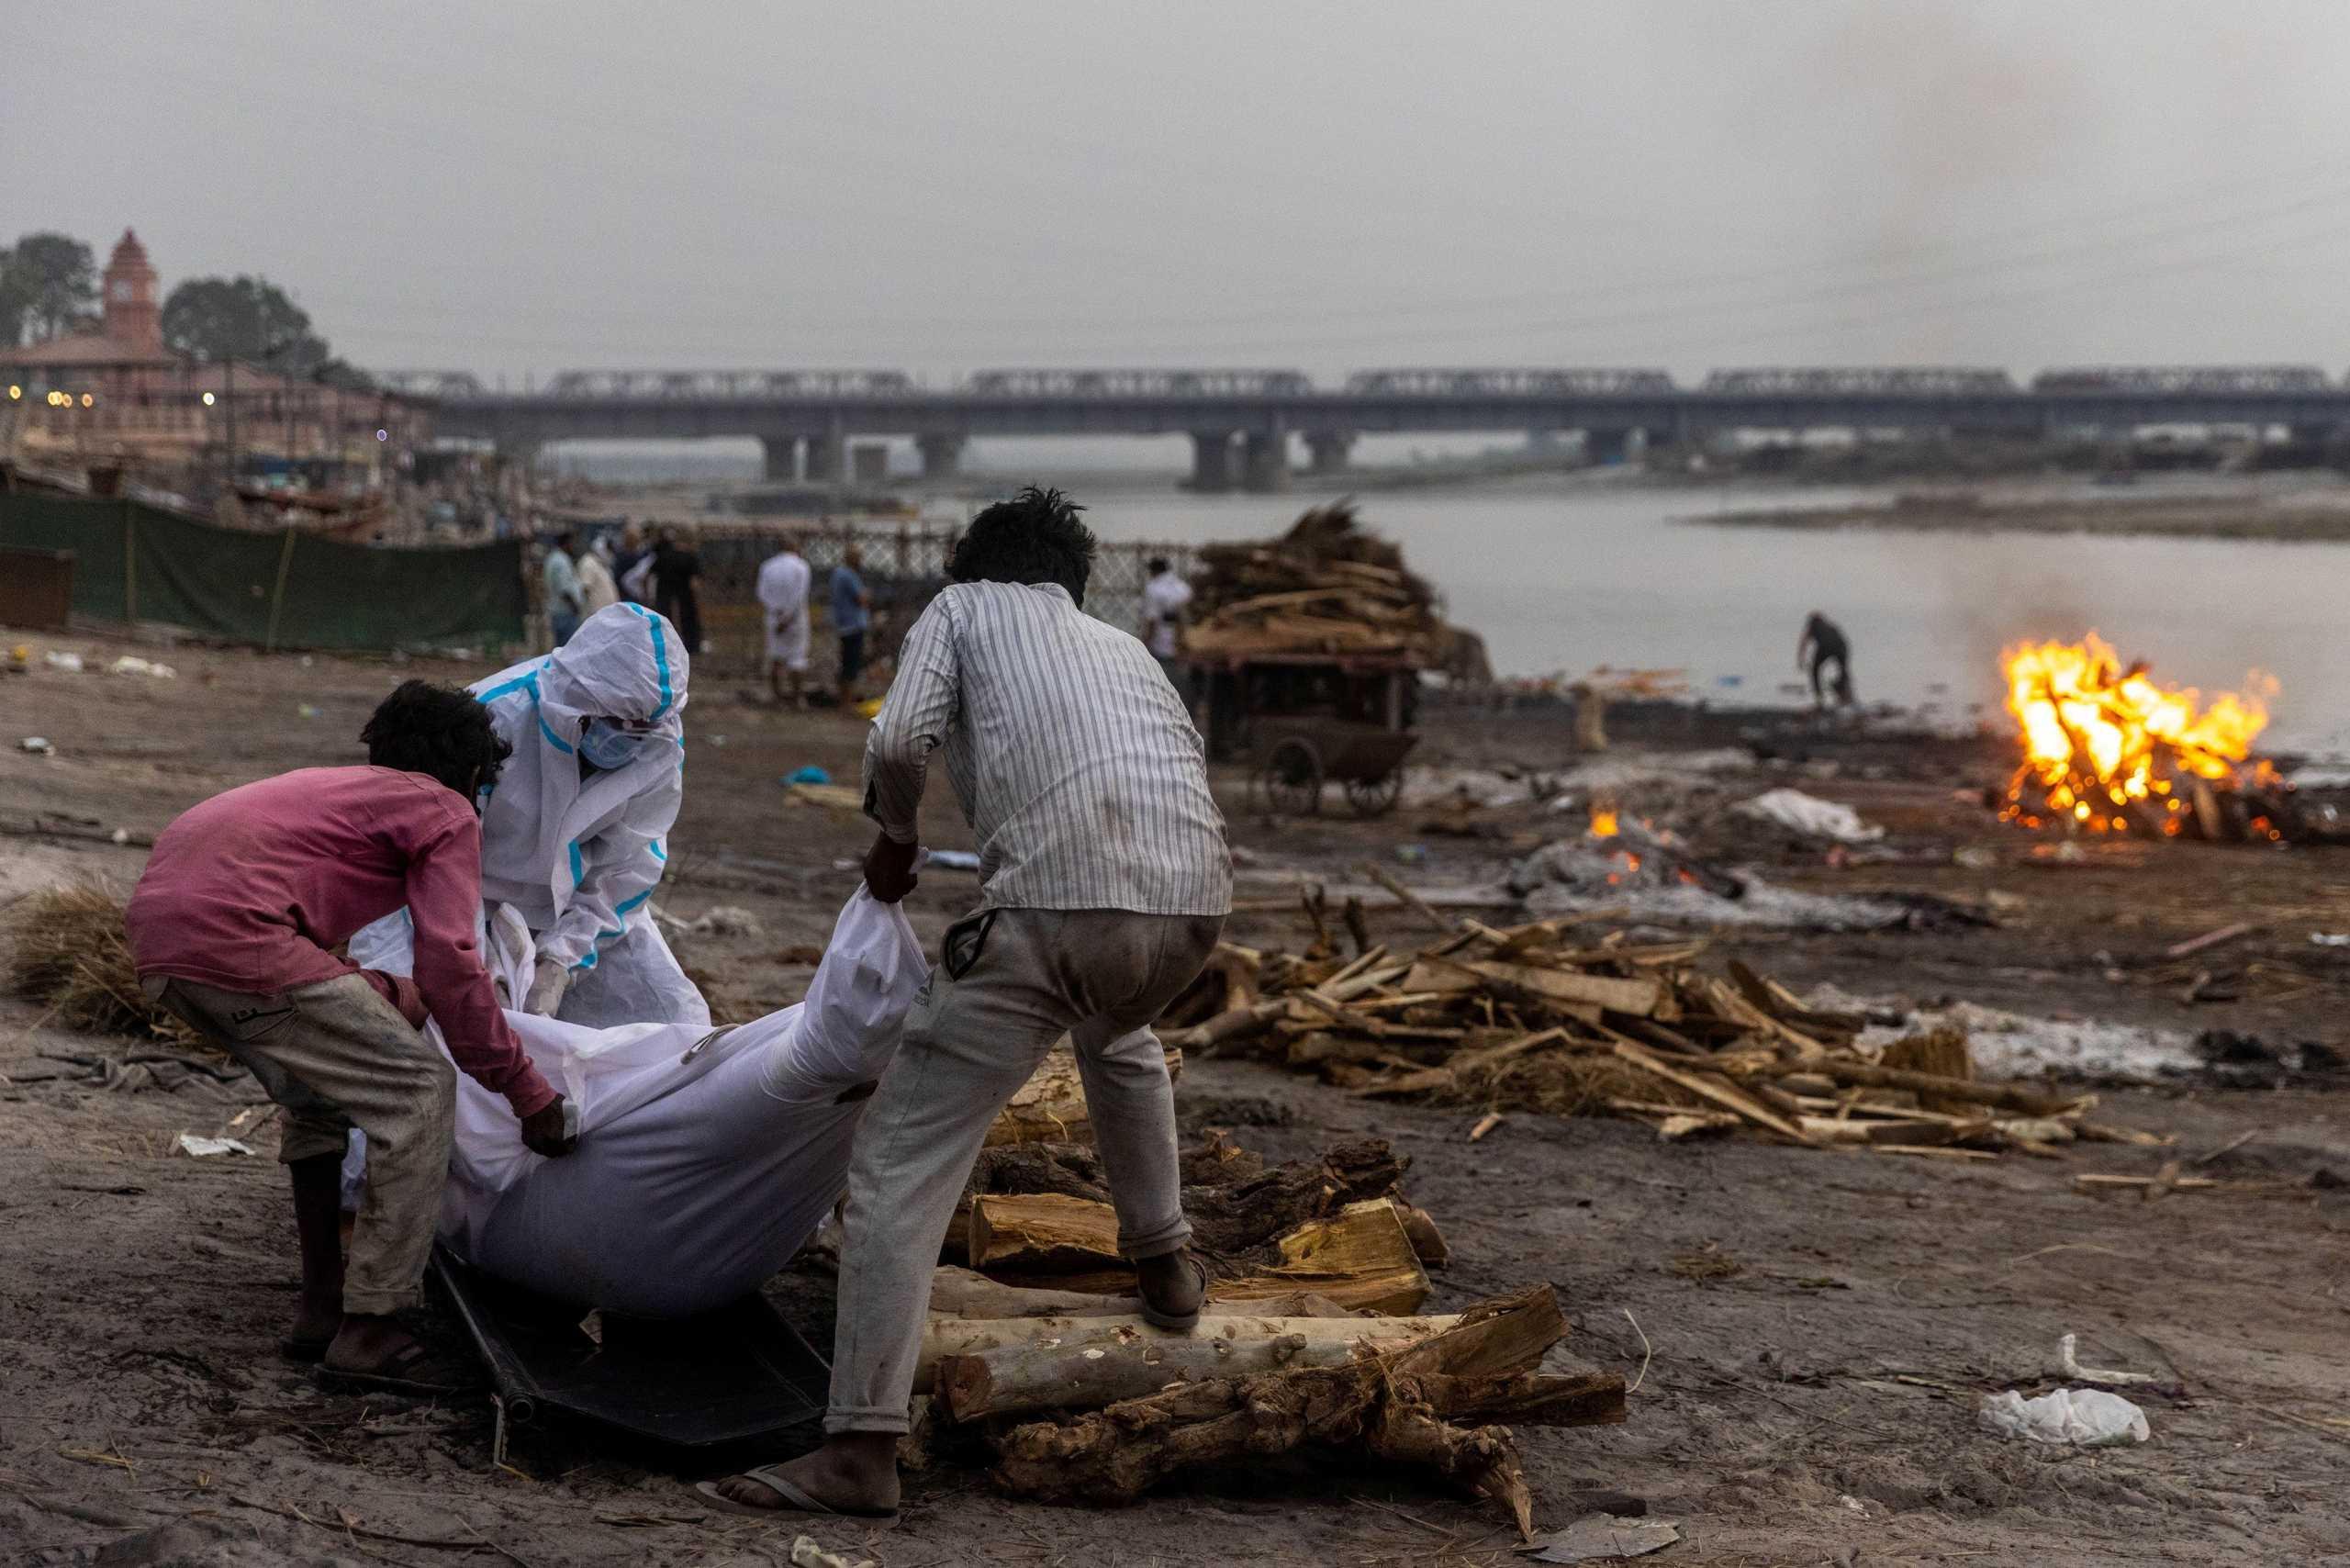 Ο κορονοϊός συνεχίζει να ισοπεδώνει την Ινδία: Νέα ρεκόρ κρουσμάτων σε ένα 24ωρο